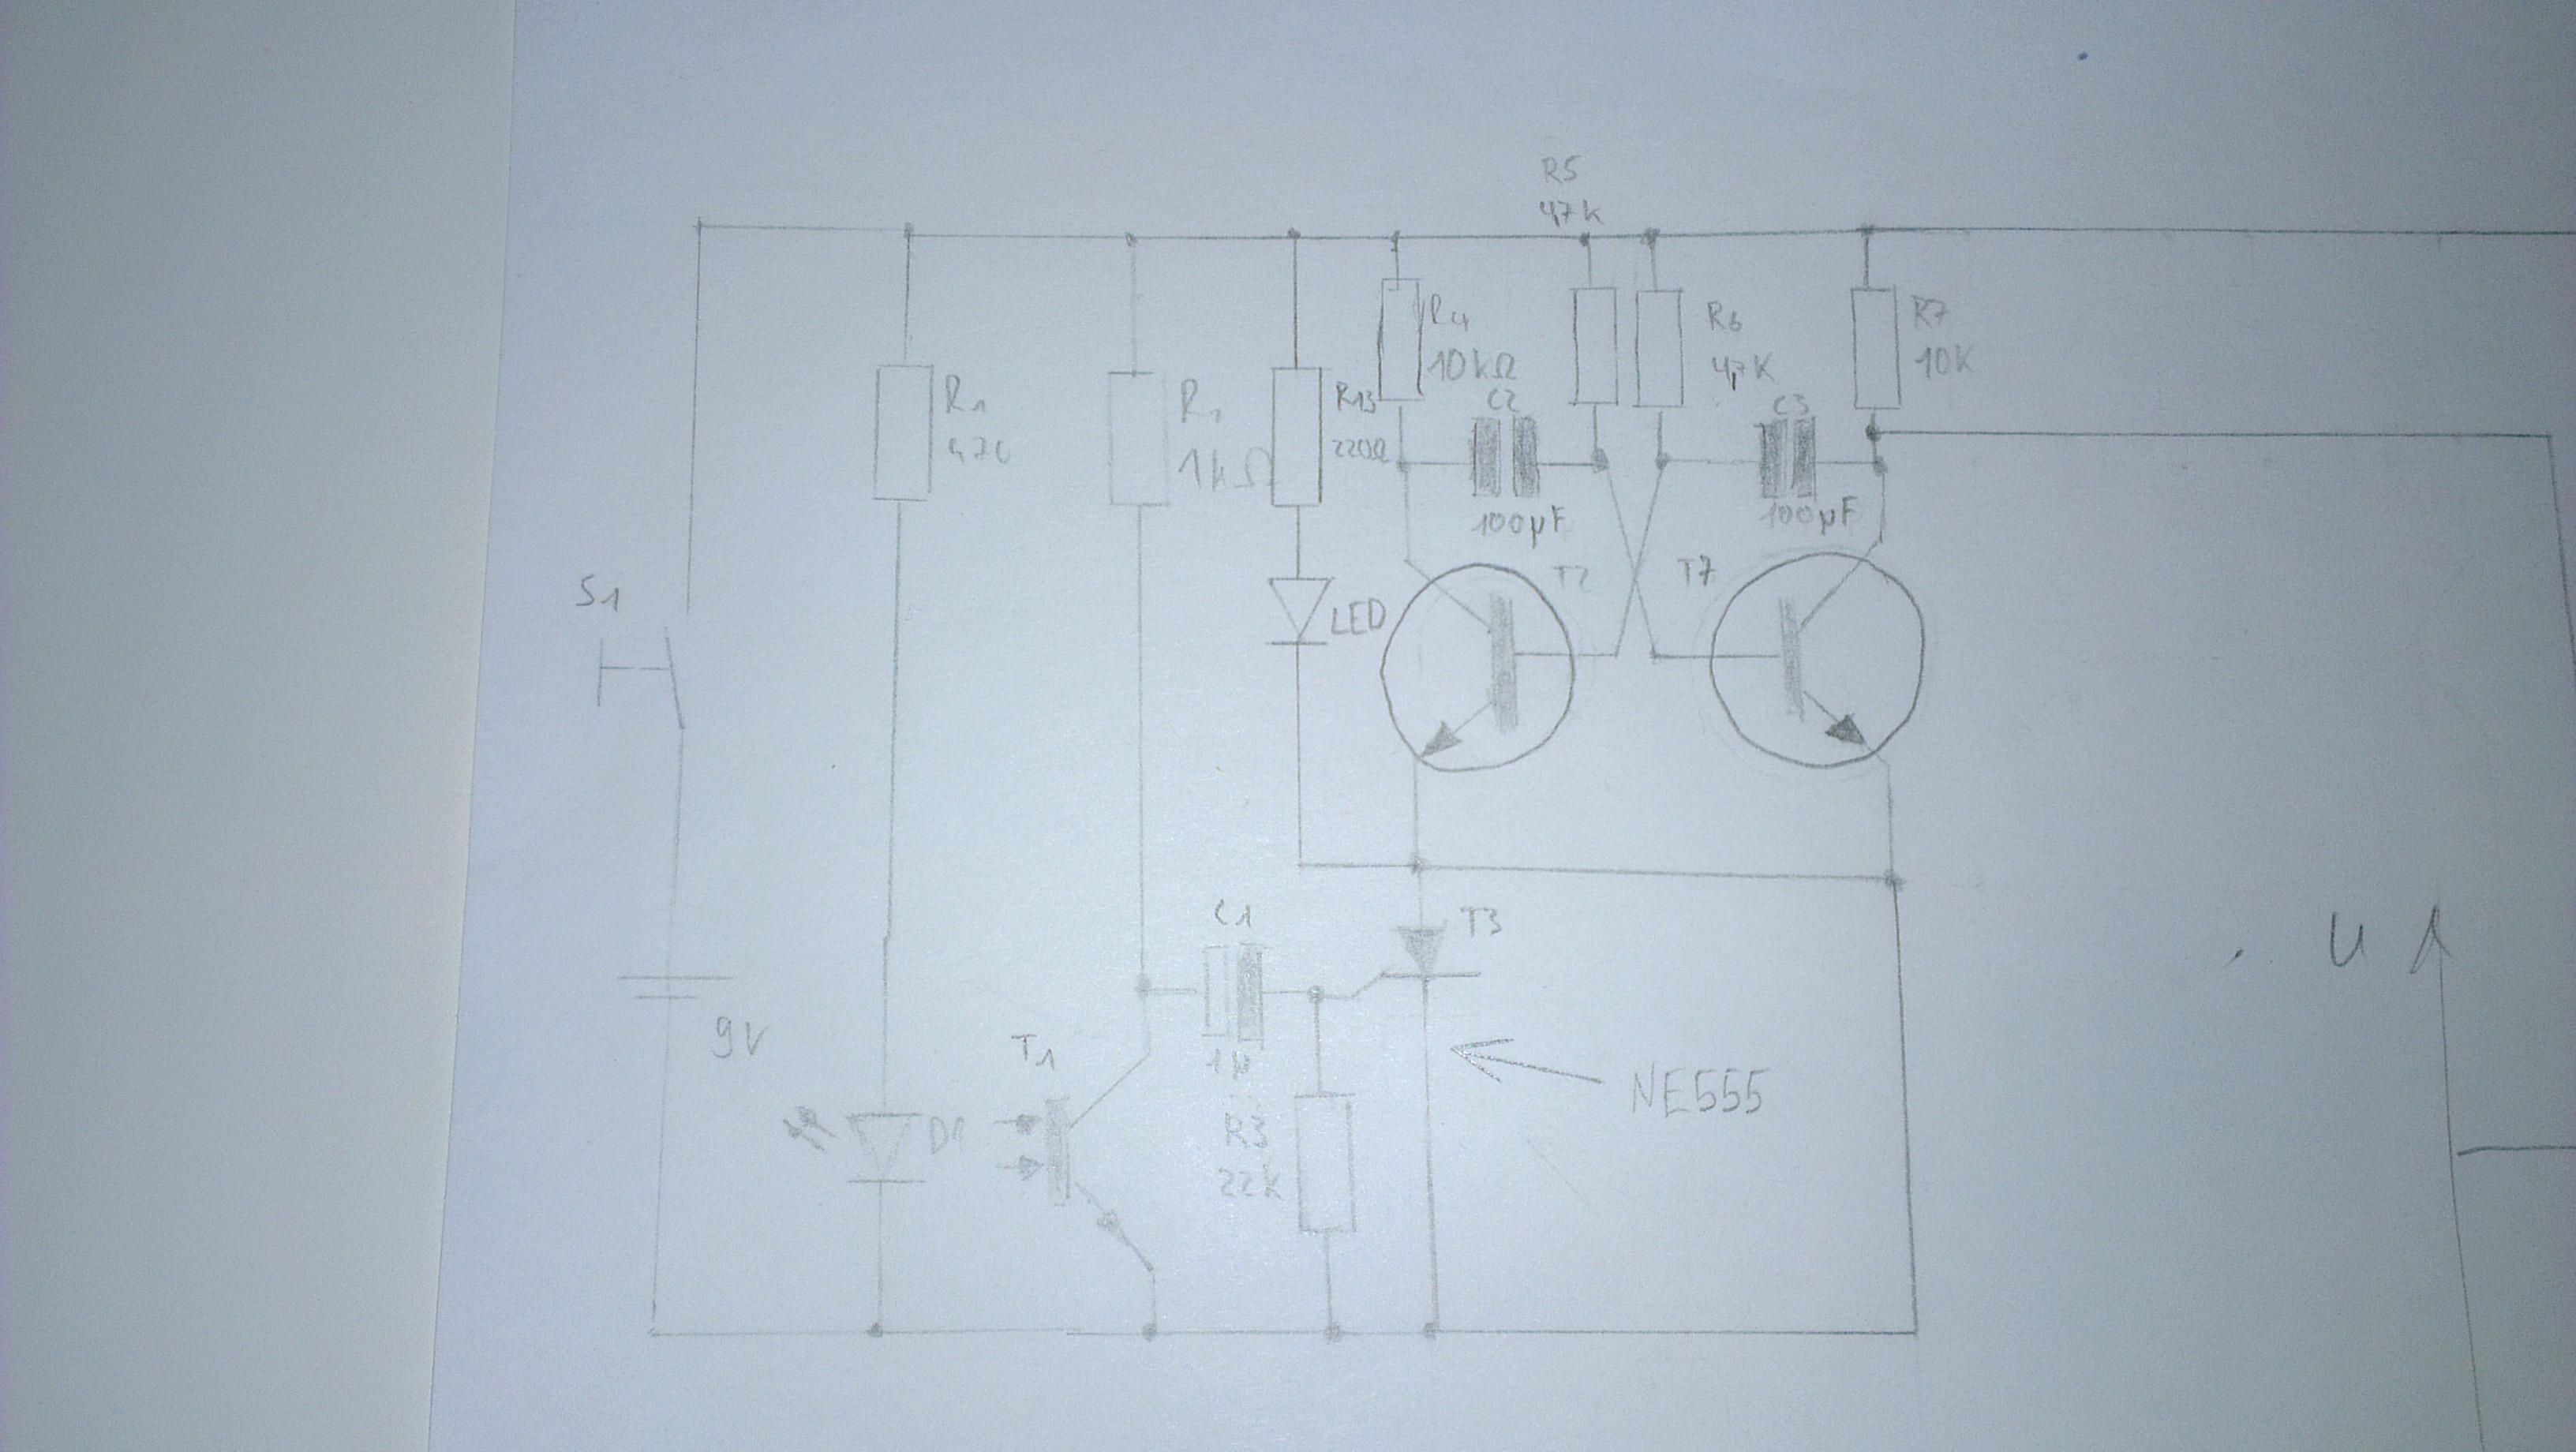 Fantastisch Mini Kühlschrank Schaltplan Fotos - Elektrische ...